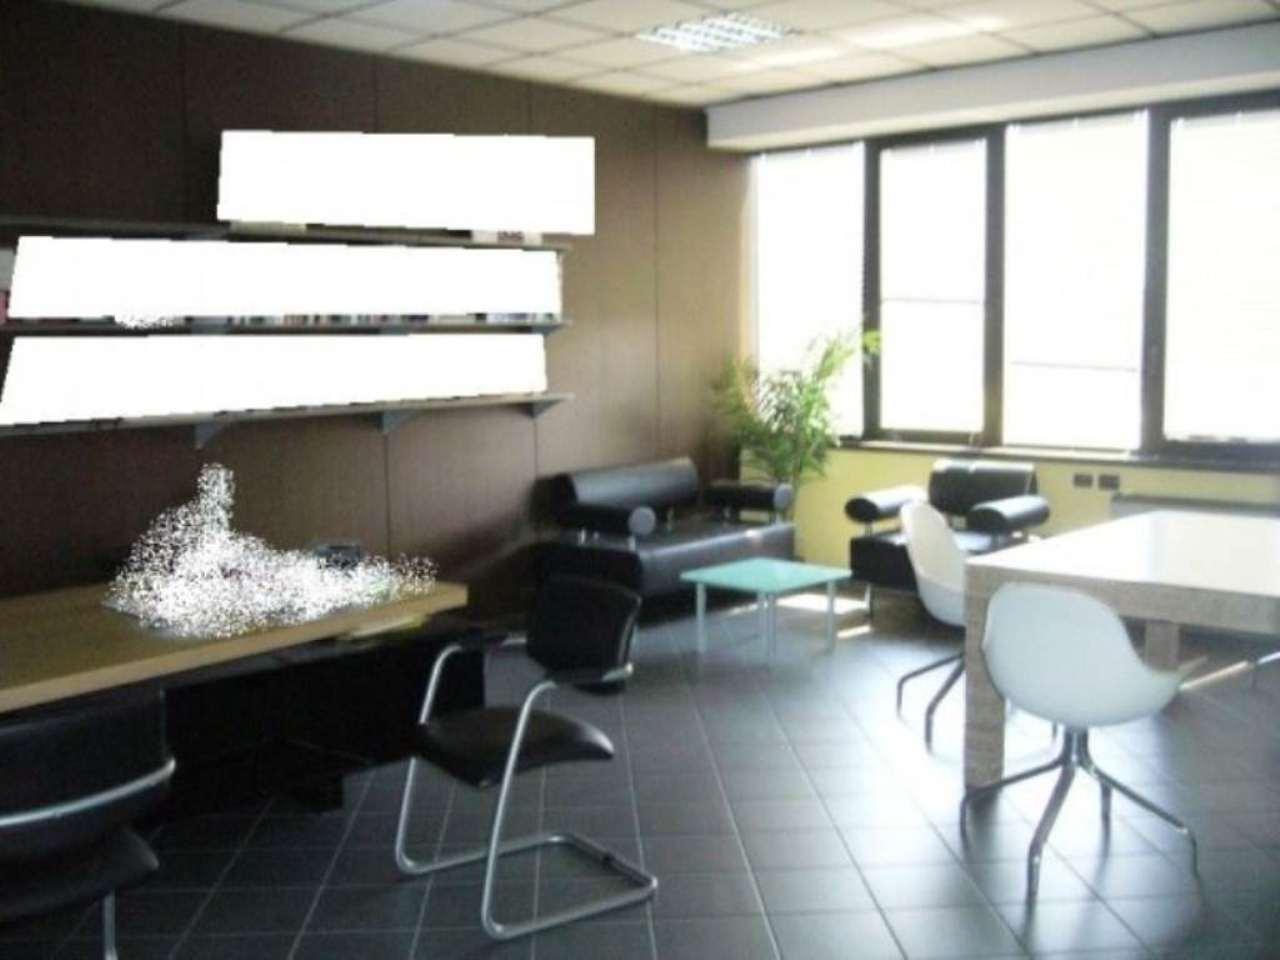 Capannone in vendita a Campi Bisenzio, 5 locali, prezzo € 700.000 | Cambio Casa.it